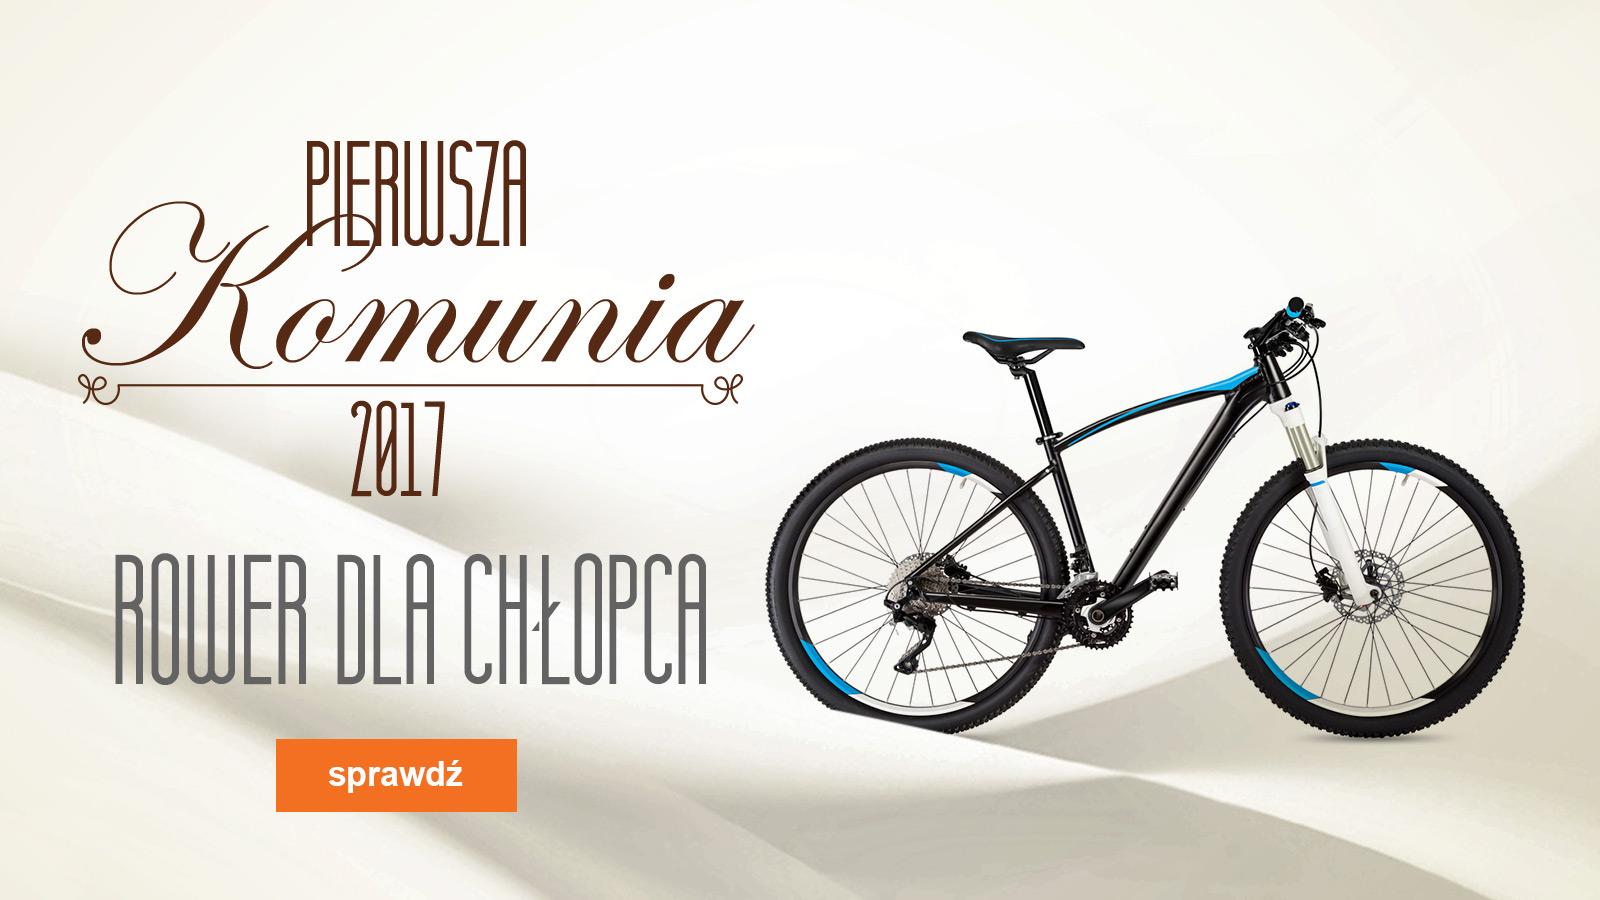 Komunia 2017 – jaki rower wybrać dla chłopca?